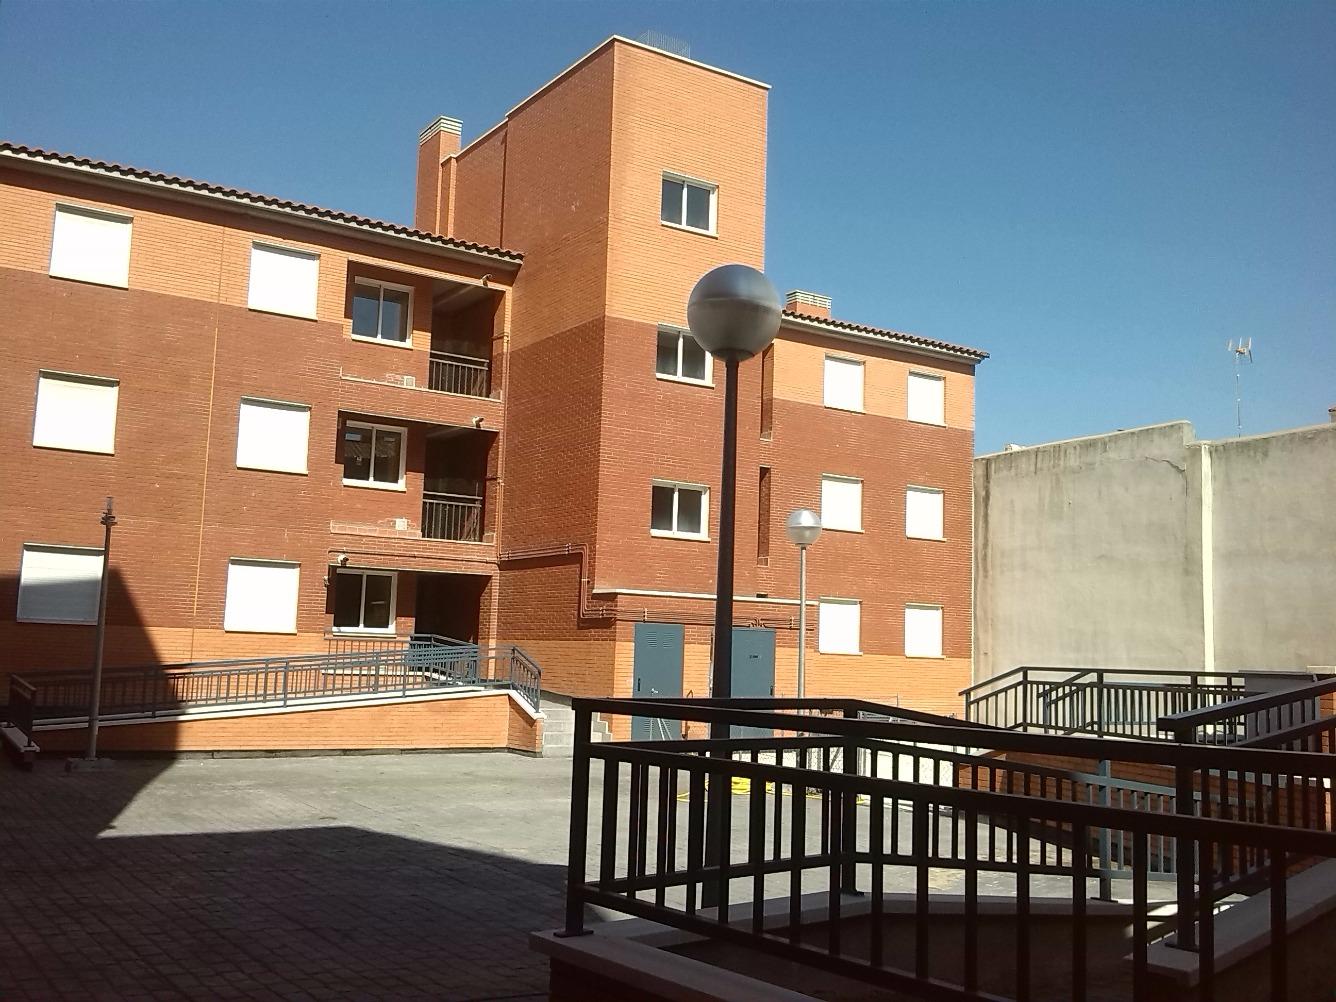 Residencial Isaac Peral